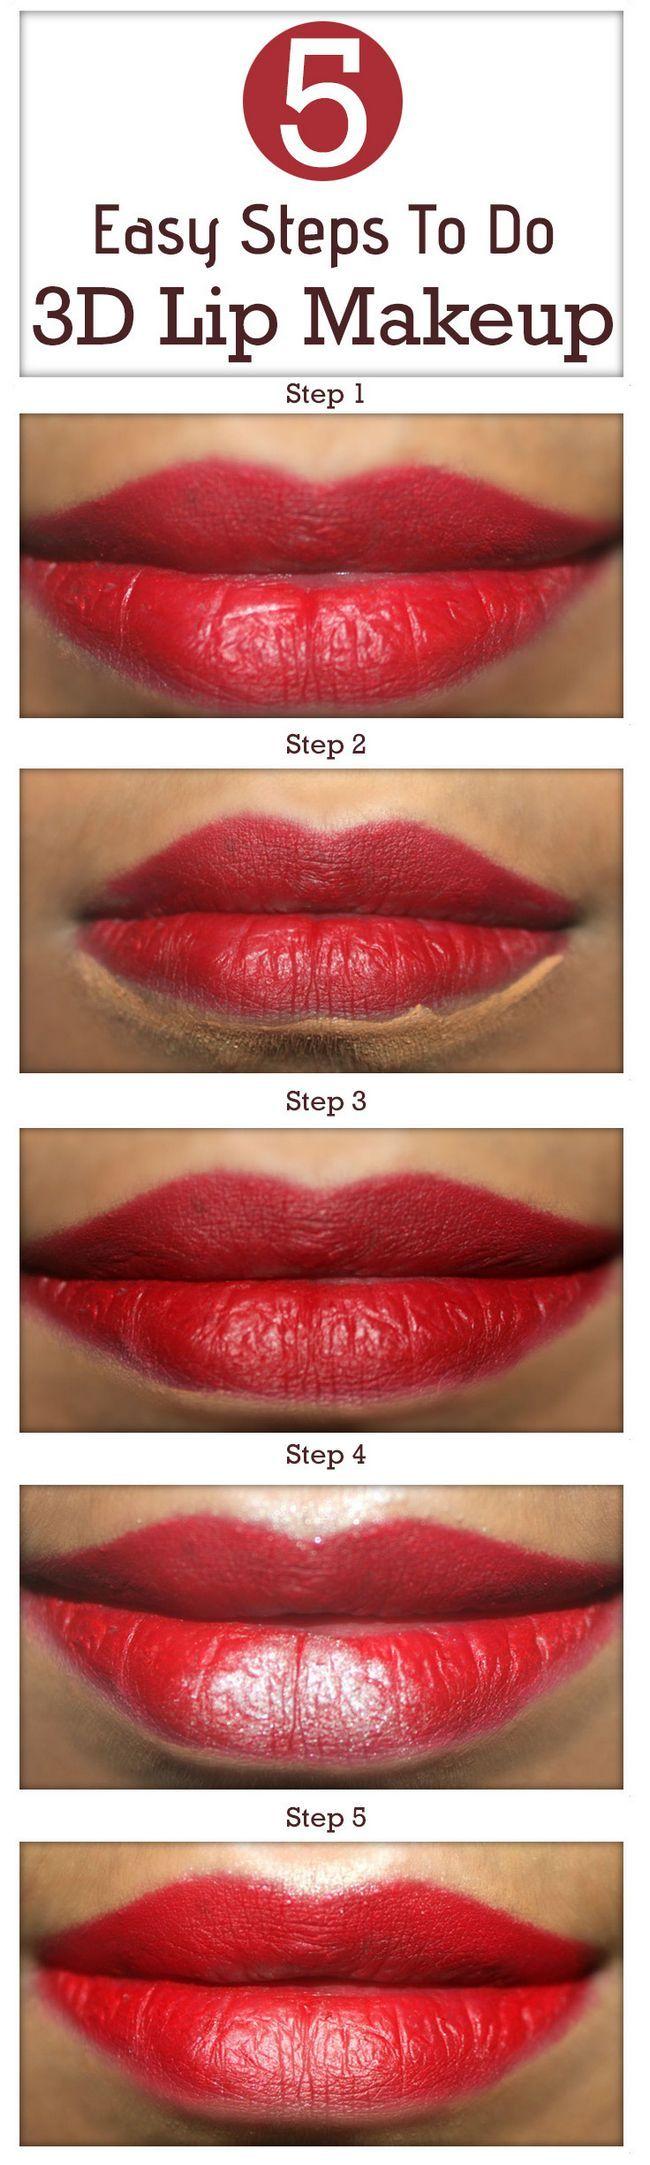 Tutorial mit detaillierten Schritten und Bilder - 5 einfache Schritte 3d Lippe Make-up zu tun